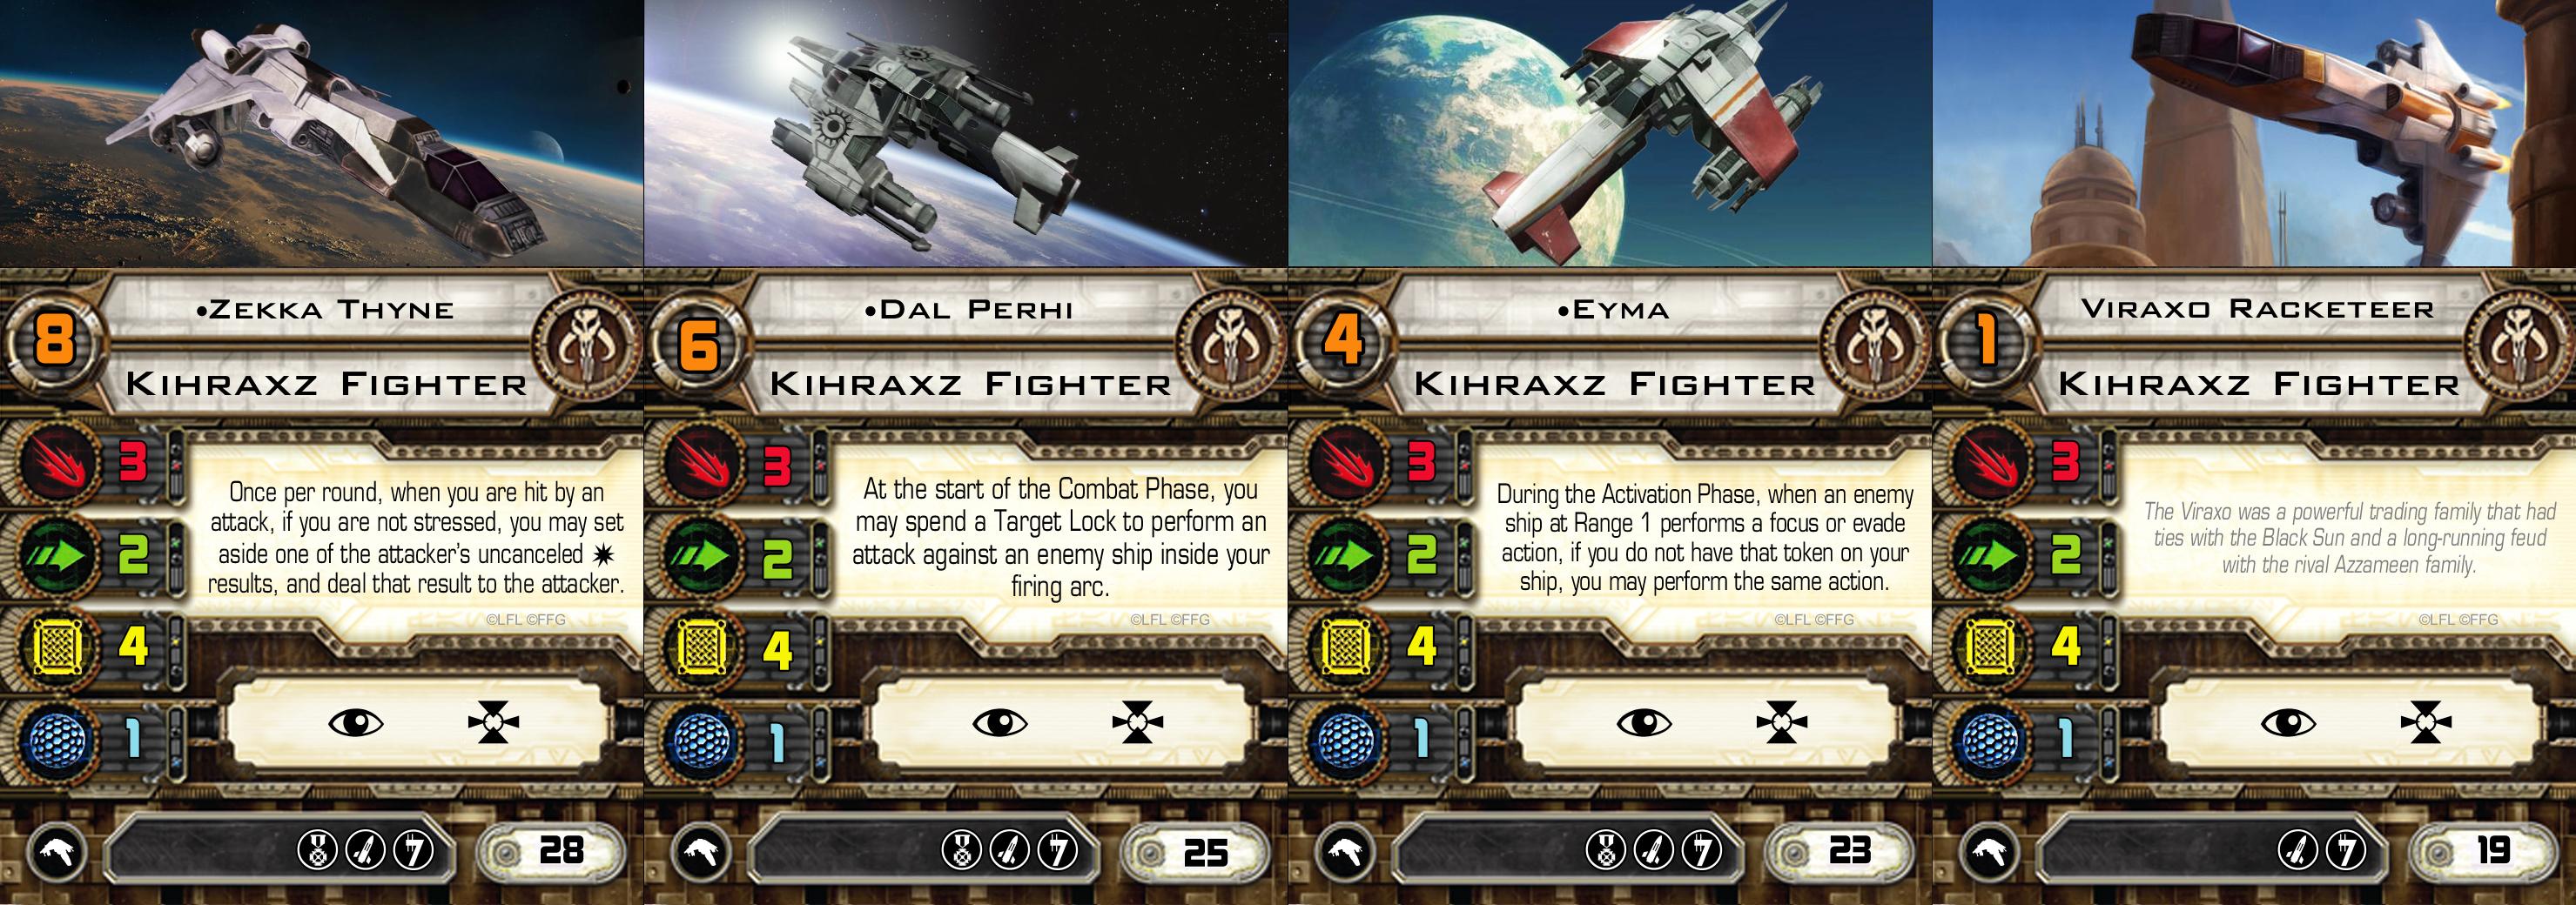 x_wing_miniatures___kihraxz_ace_pilots_b